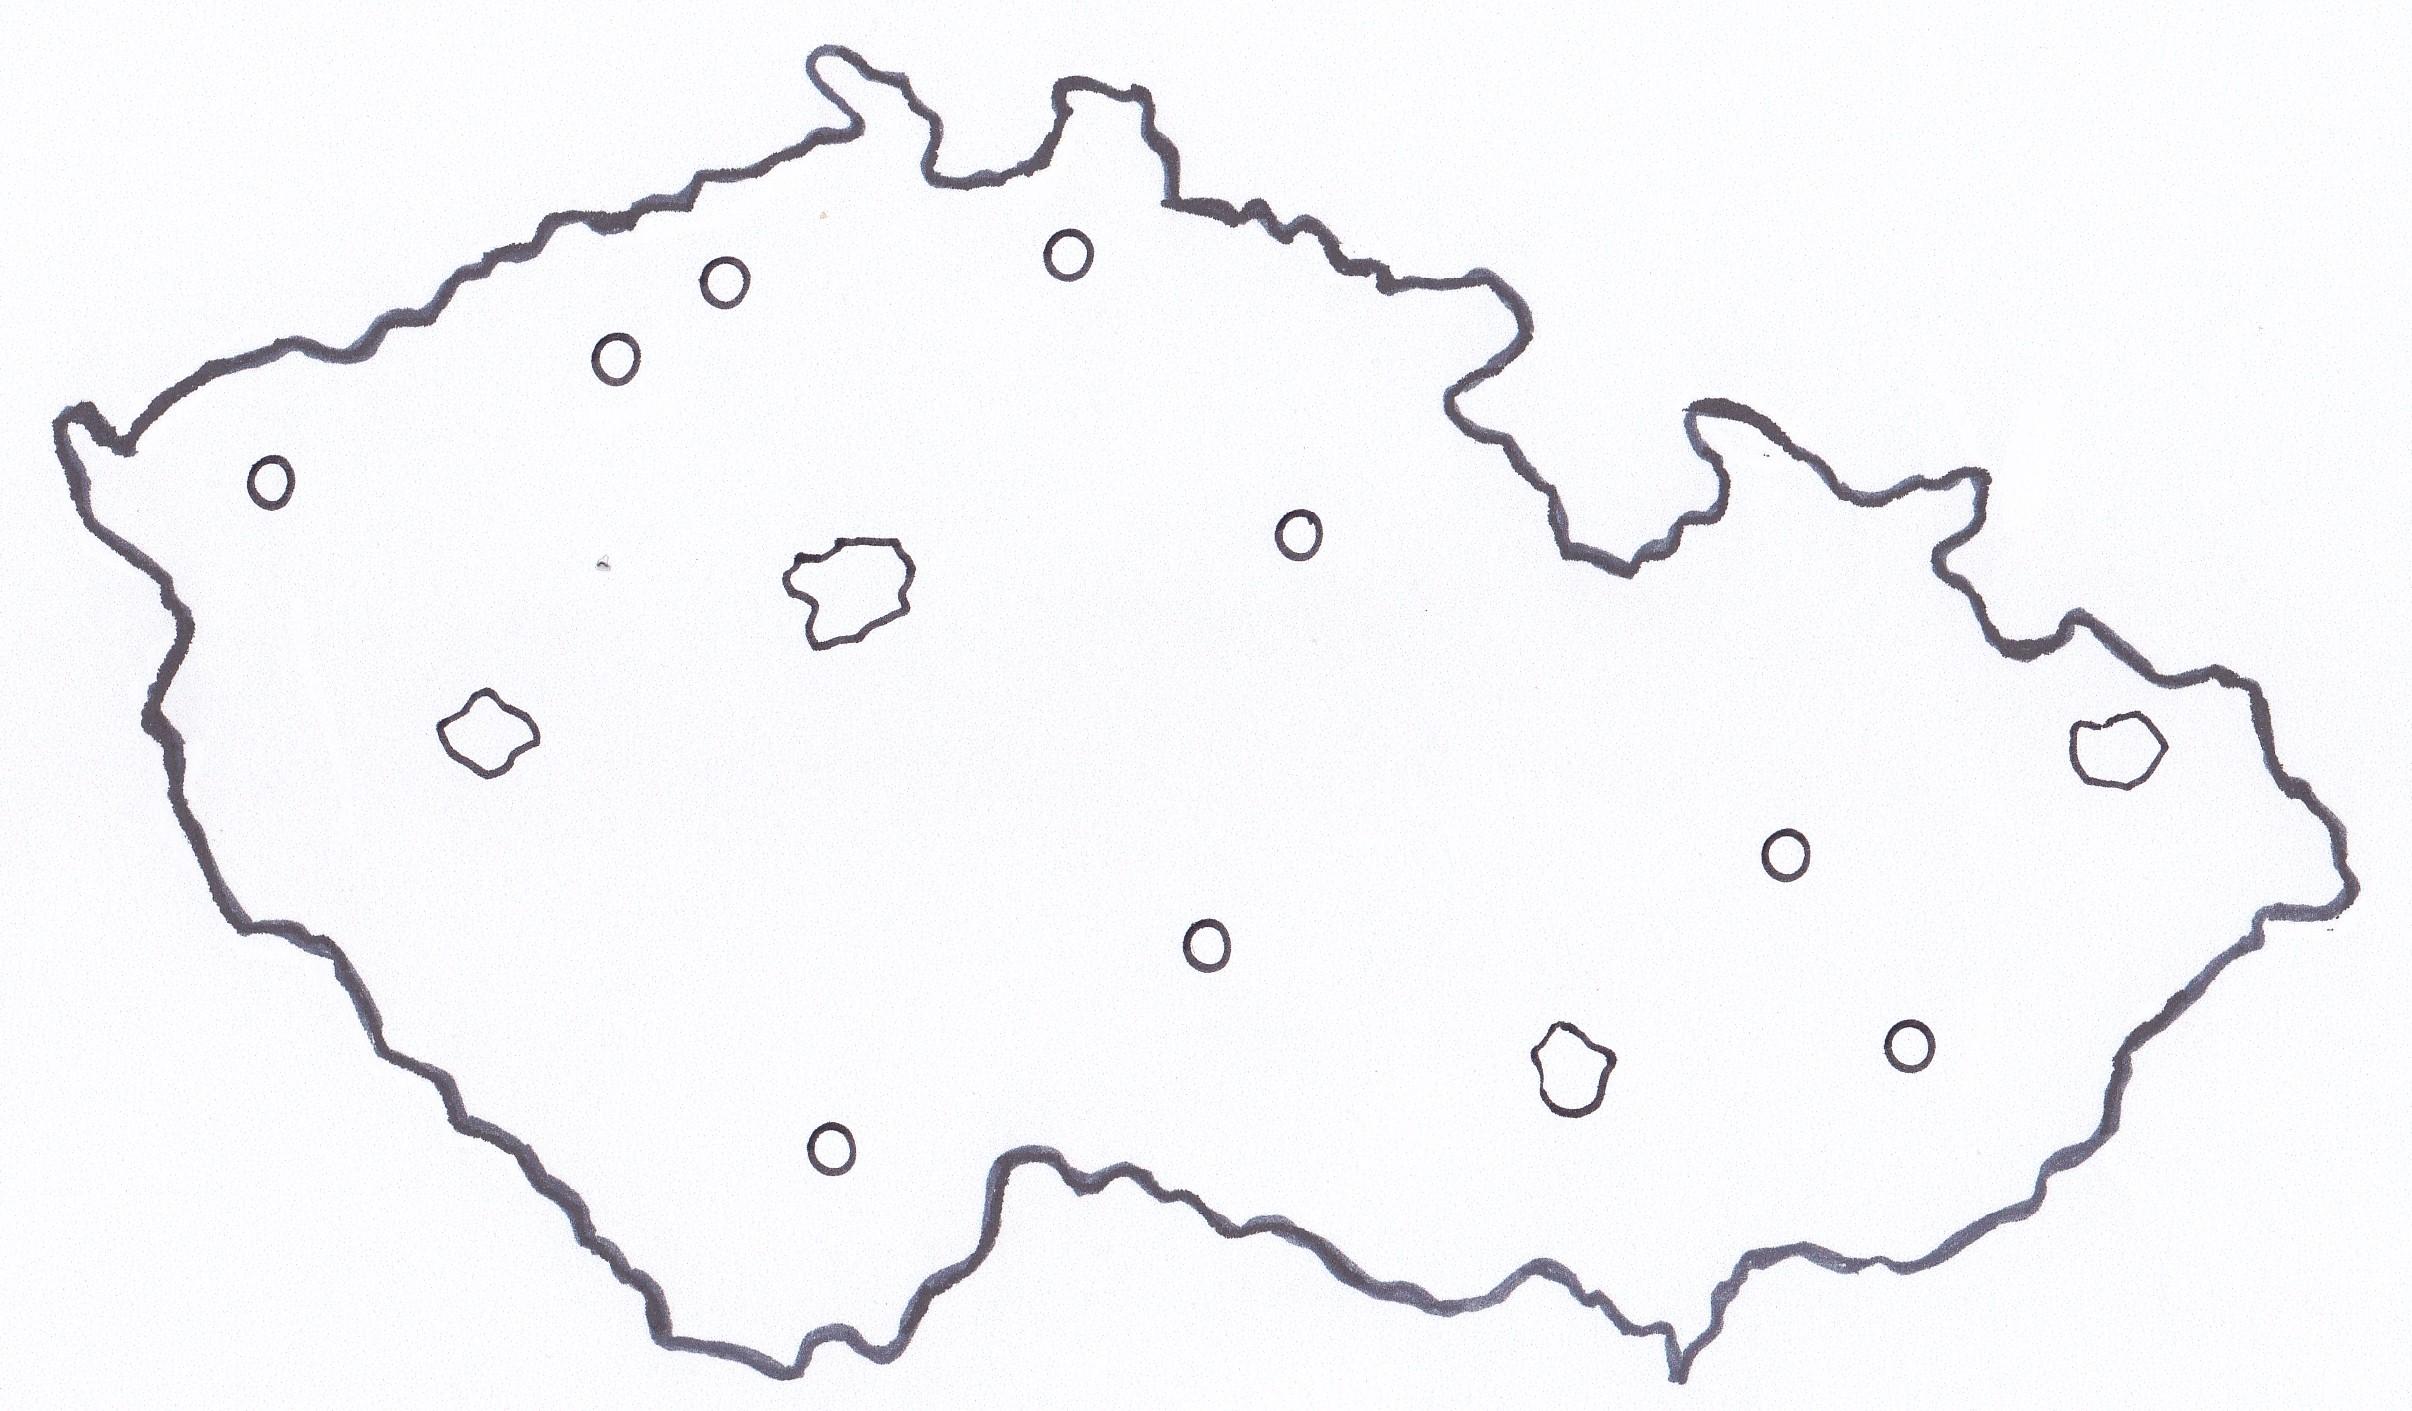 mesta cr mapa - Kopie (4)